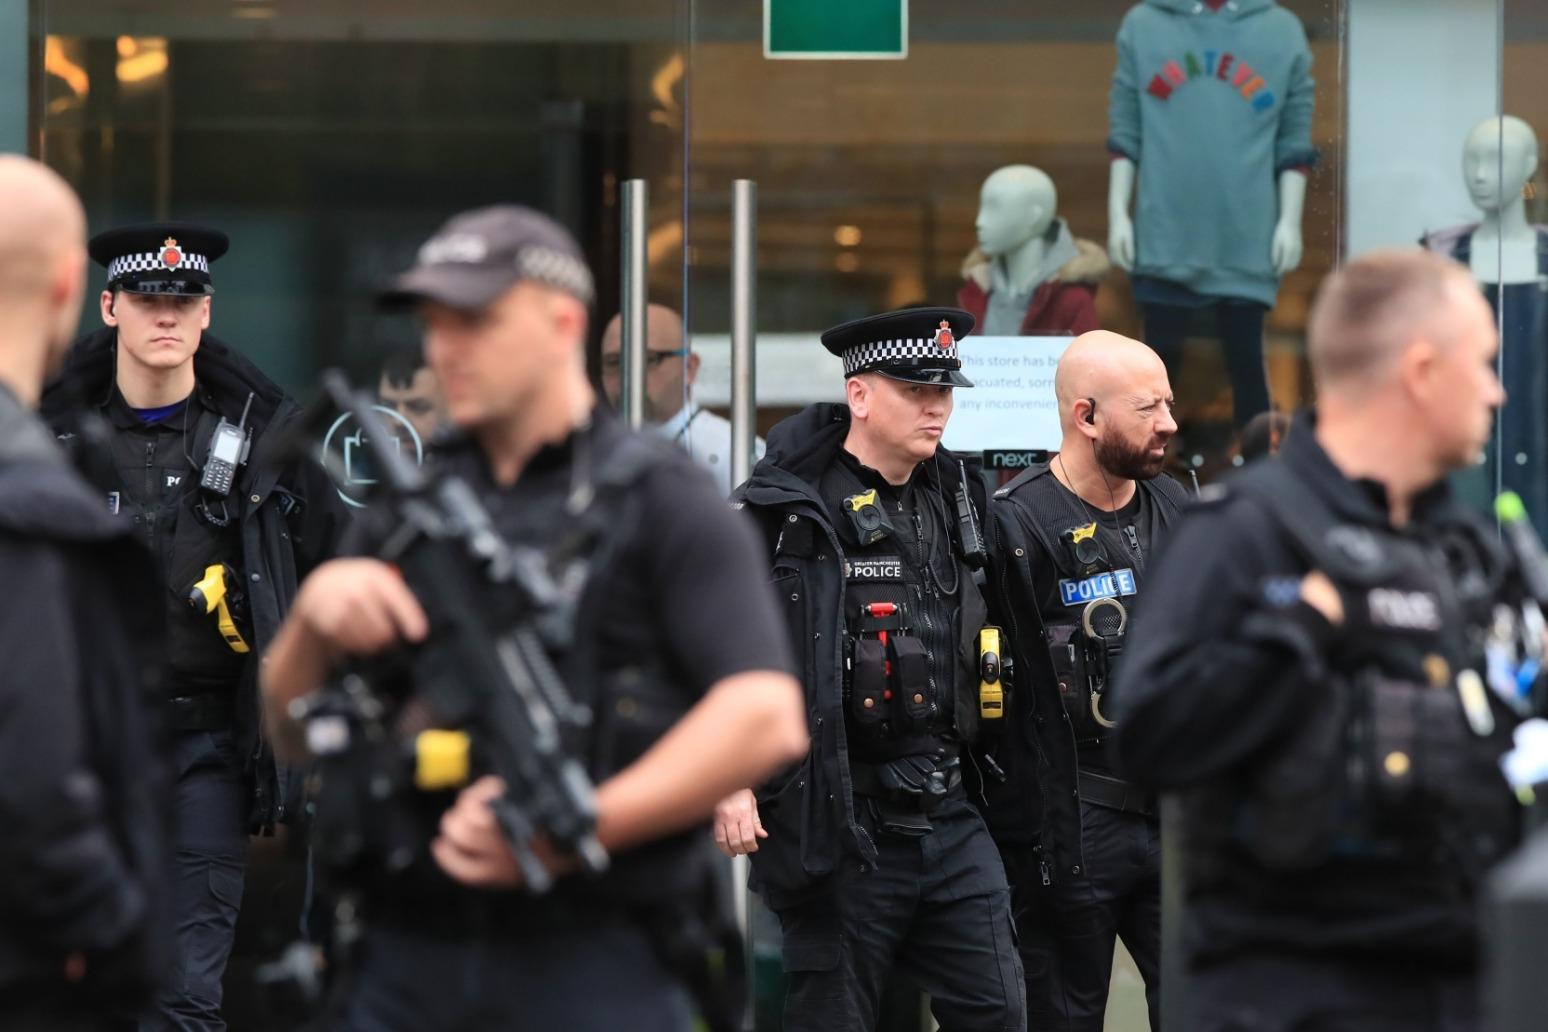 ANTI TERROR POLICE INVESTIGATE MANCHESTER ATTACK